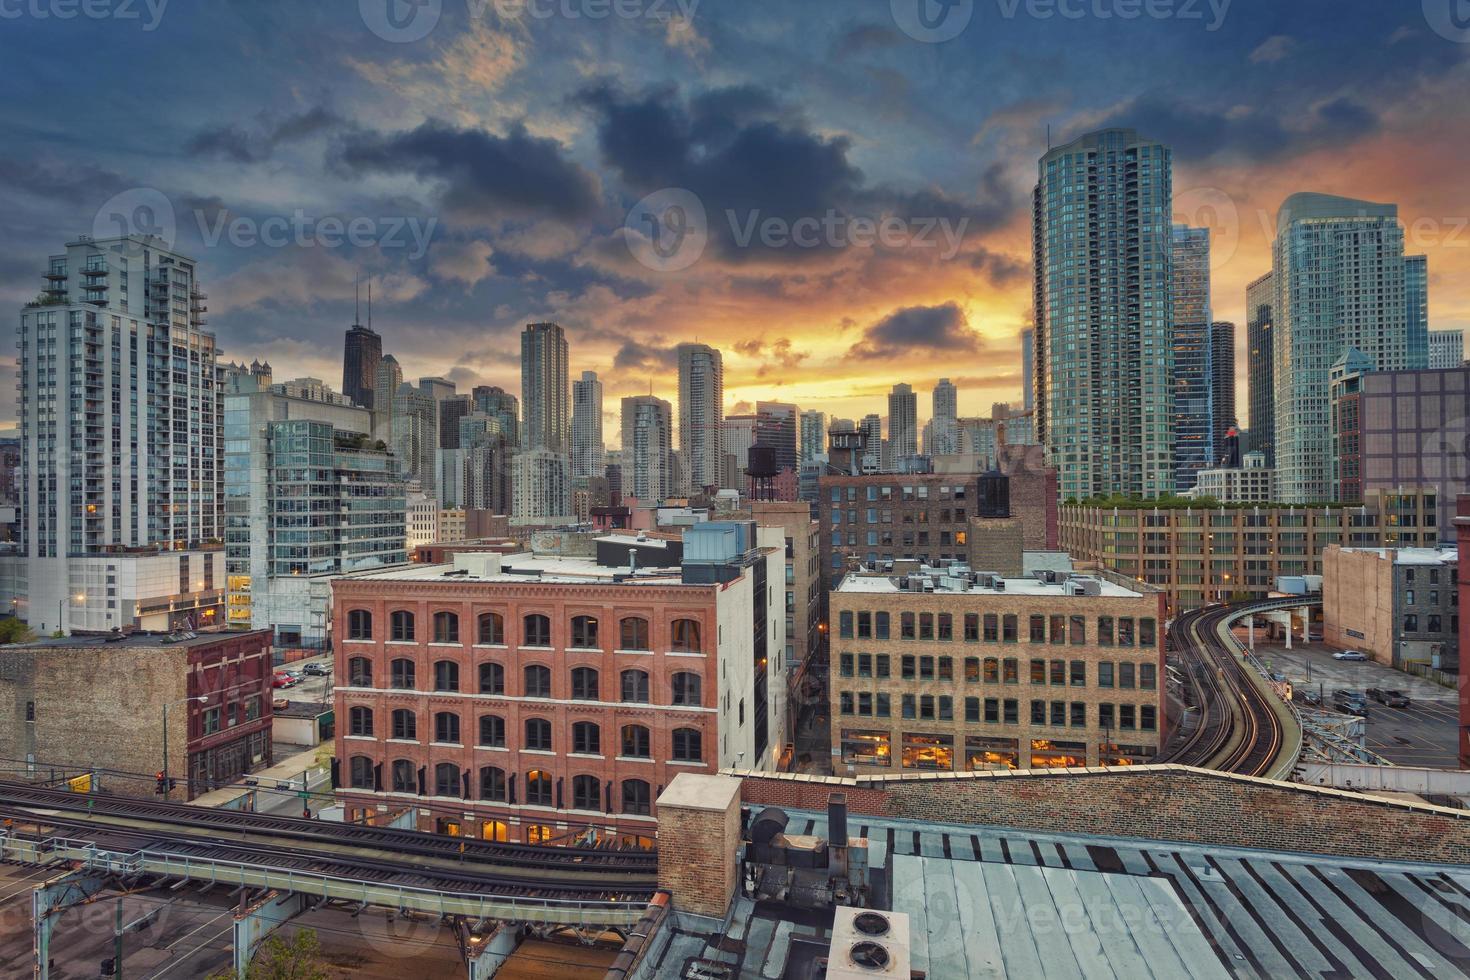 Chicago centro de la ciudad. foto